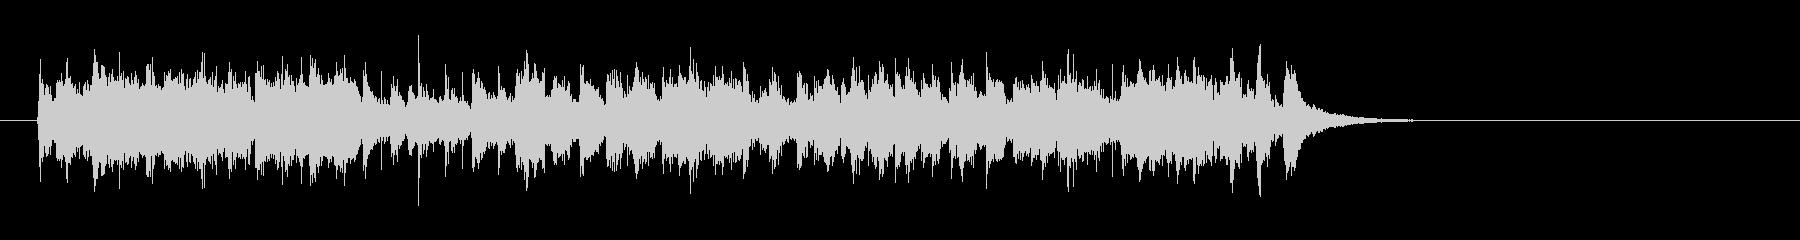 メリハリ抜群エンタテイメント・サウンドの未再生の波形